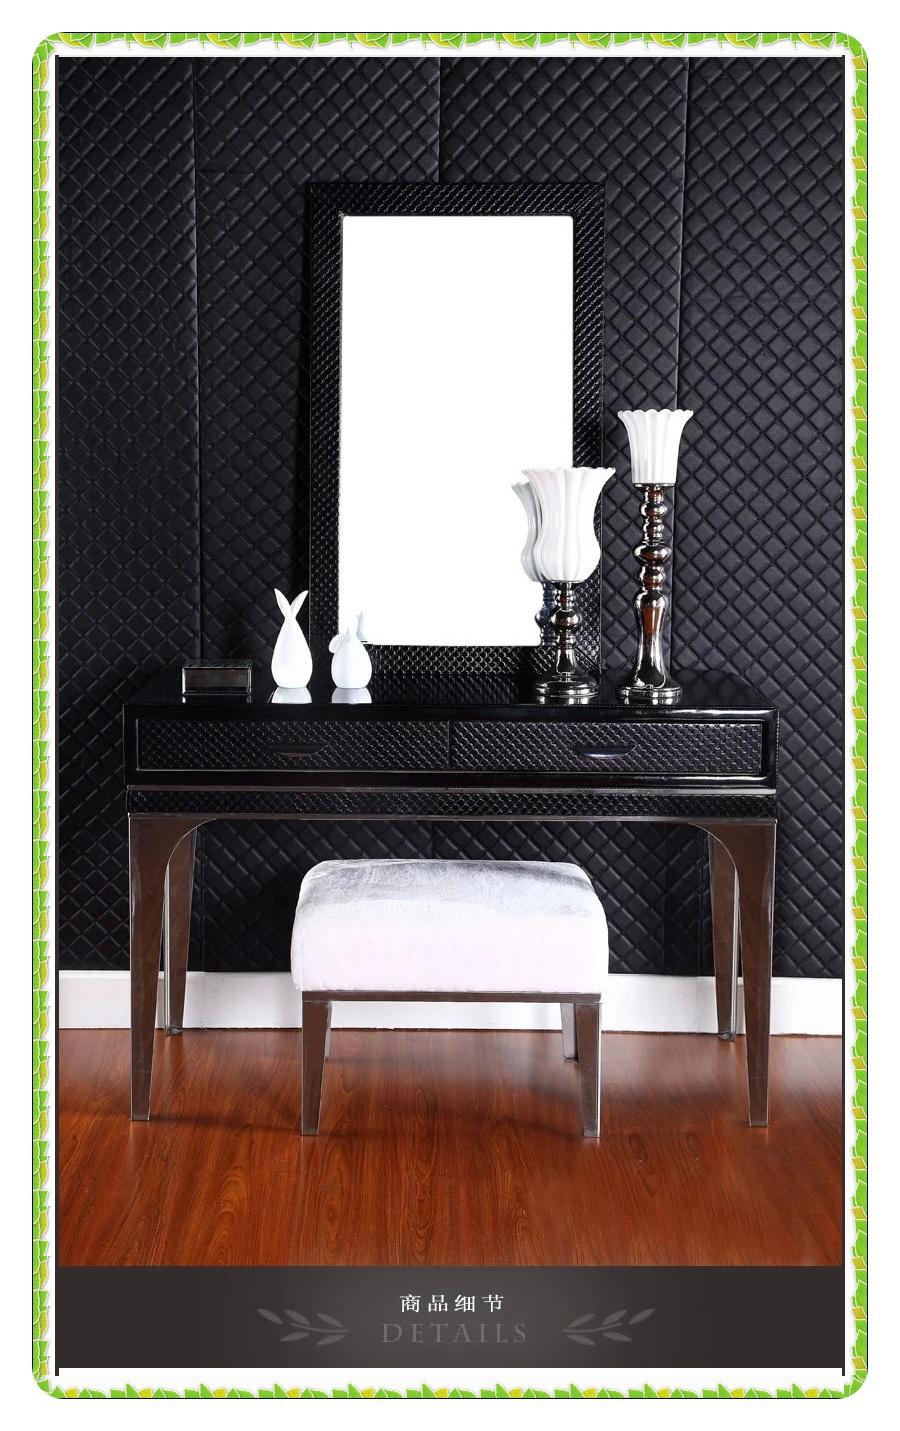 Slaapkamer meubels verkopen for - Slaapkamer meubels ...